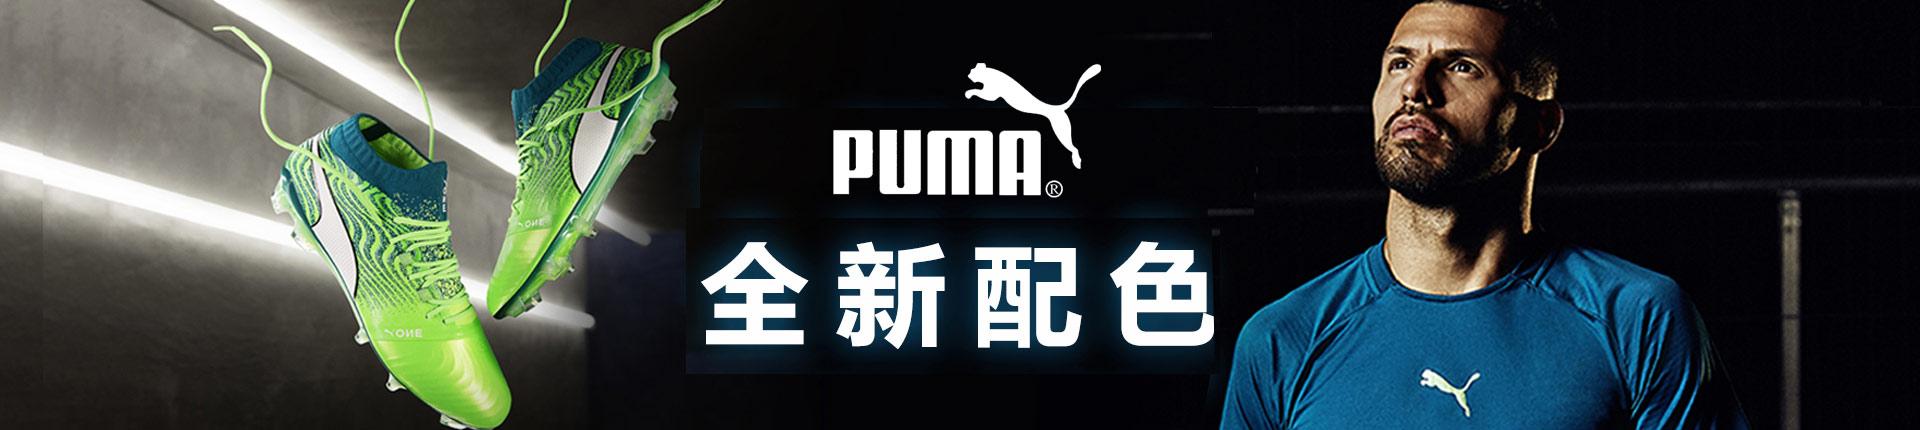 彪马官方网站